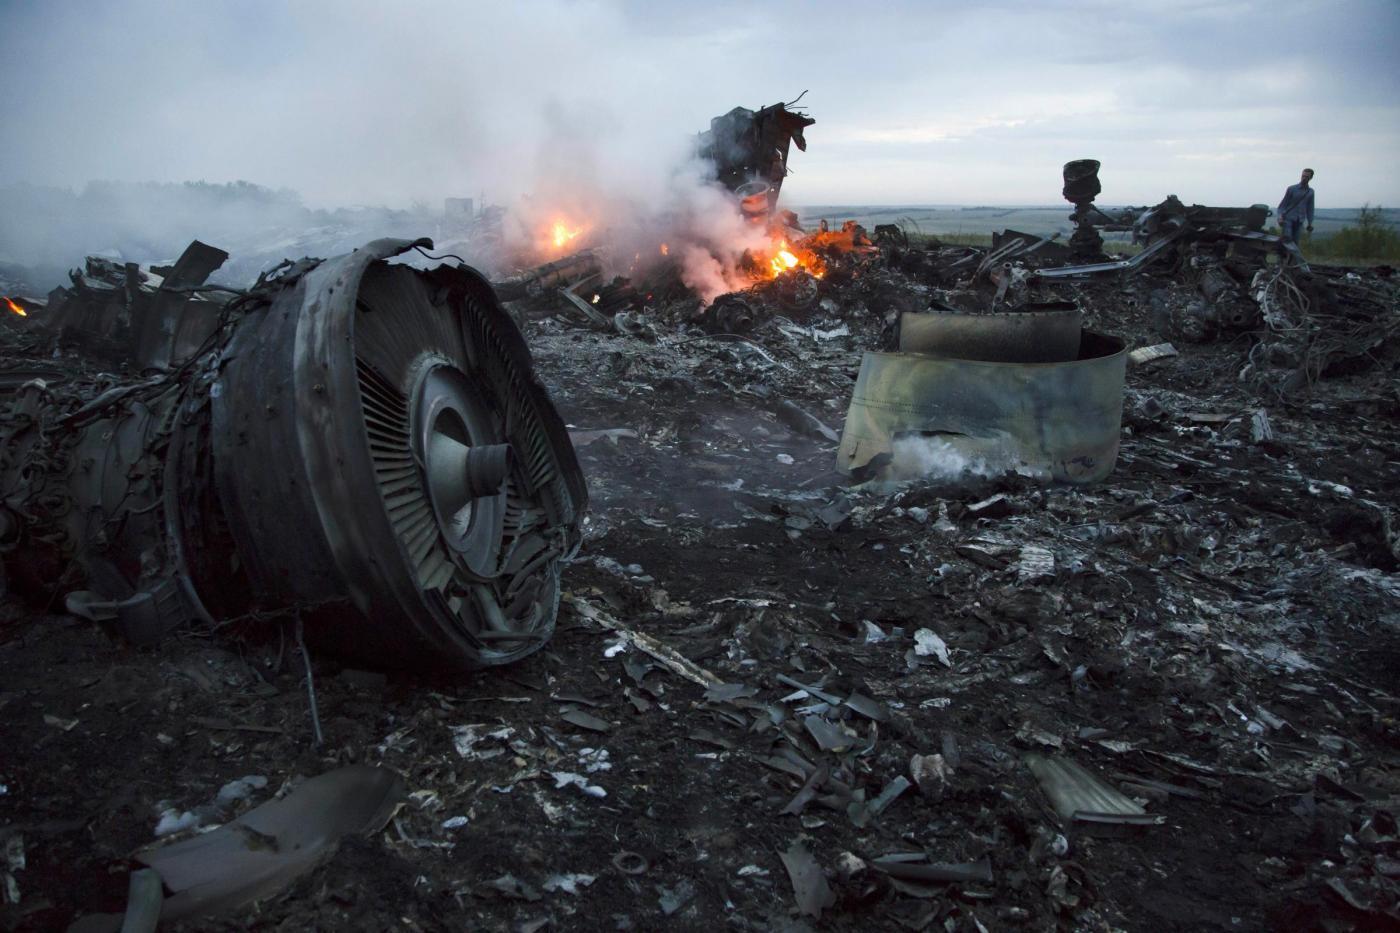 Germania-servizi-segreti-aereo- Malaysia-Airlines-abbattuto-in-Ucraina-da-filorussi